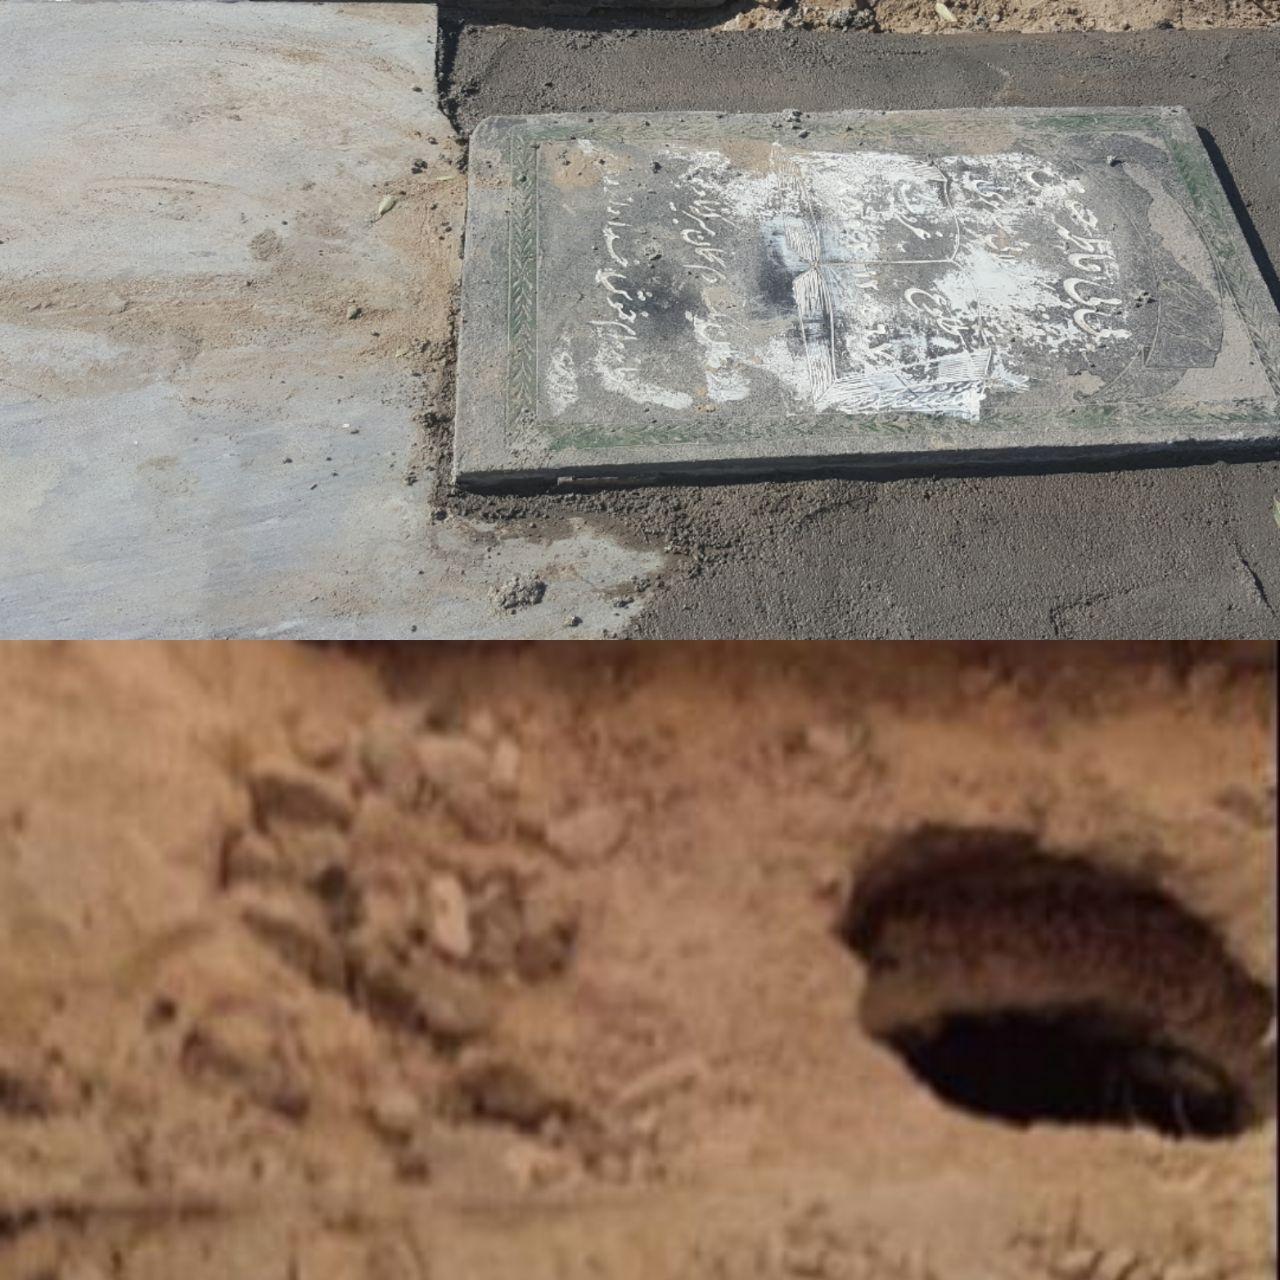 با نبش قبری در آرامستان شهر زابل، قطعه پزشکی از جنس طلا بکار رفته در قلب متوفی به سرقت رفت